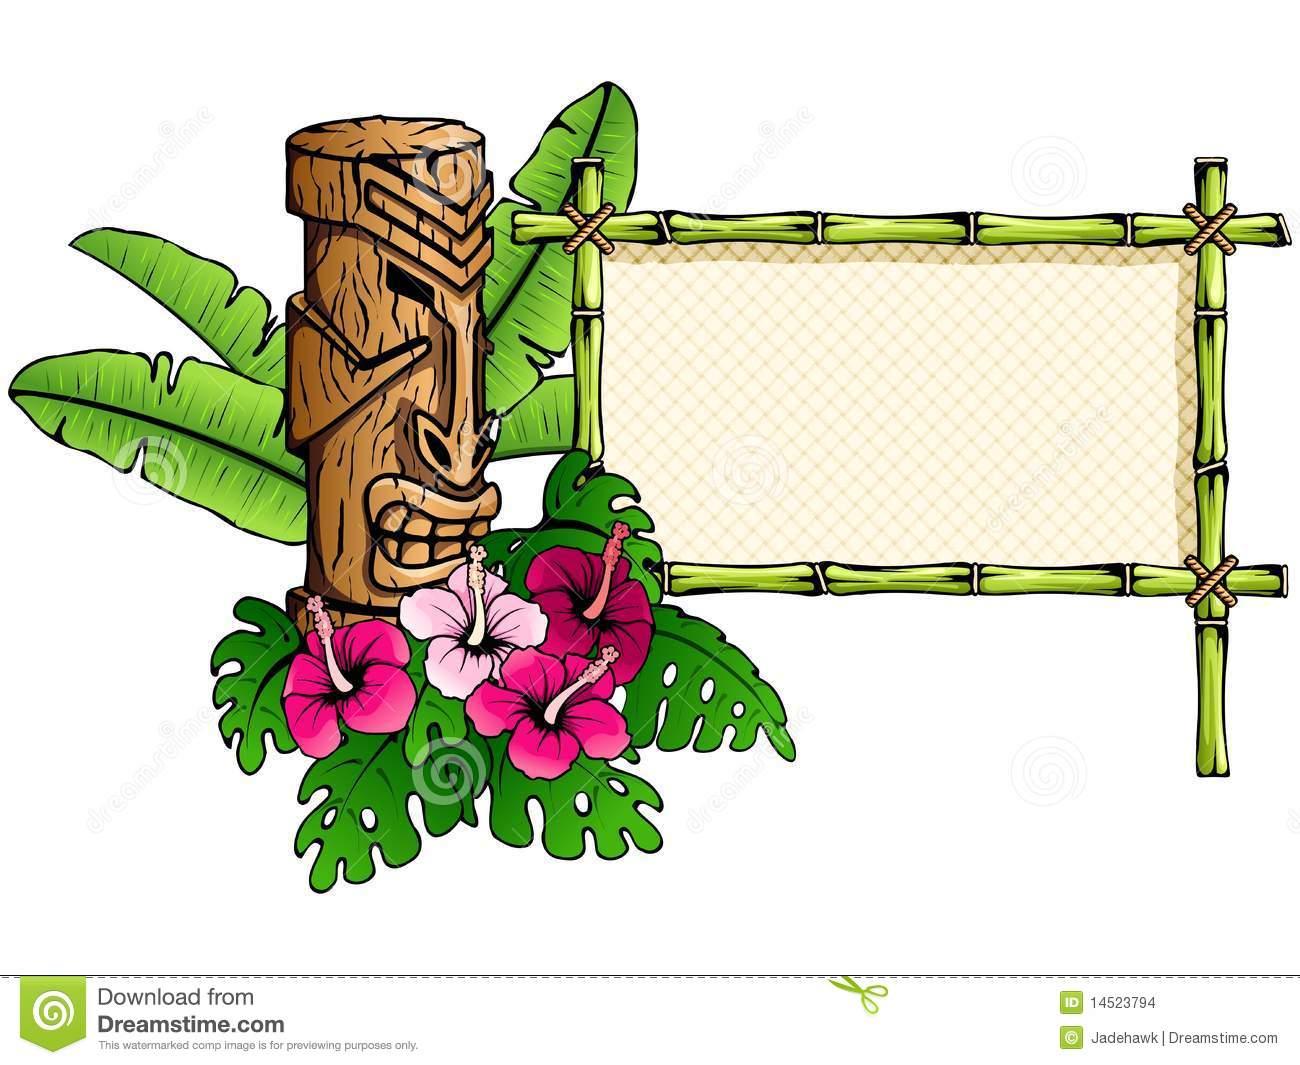 Tapis Contour Wc Bambou Unique Image Drapeau Hawa¯en Détaillé Avec La Statue De Tiki Illustration De